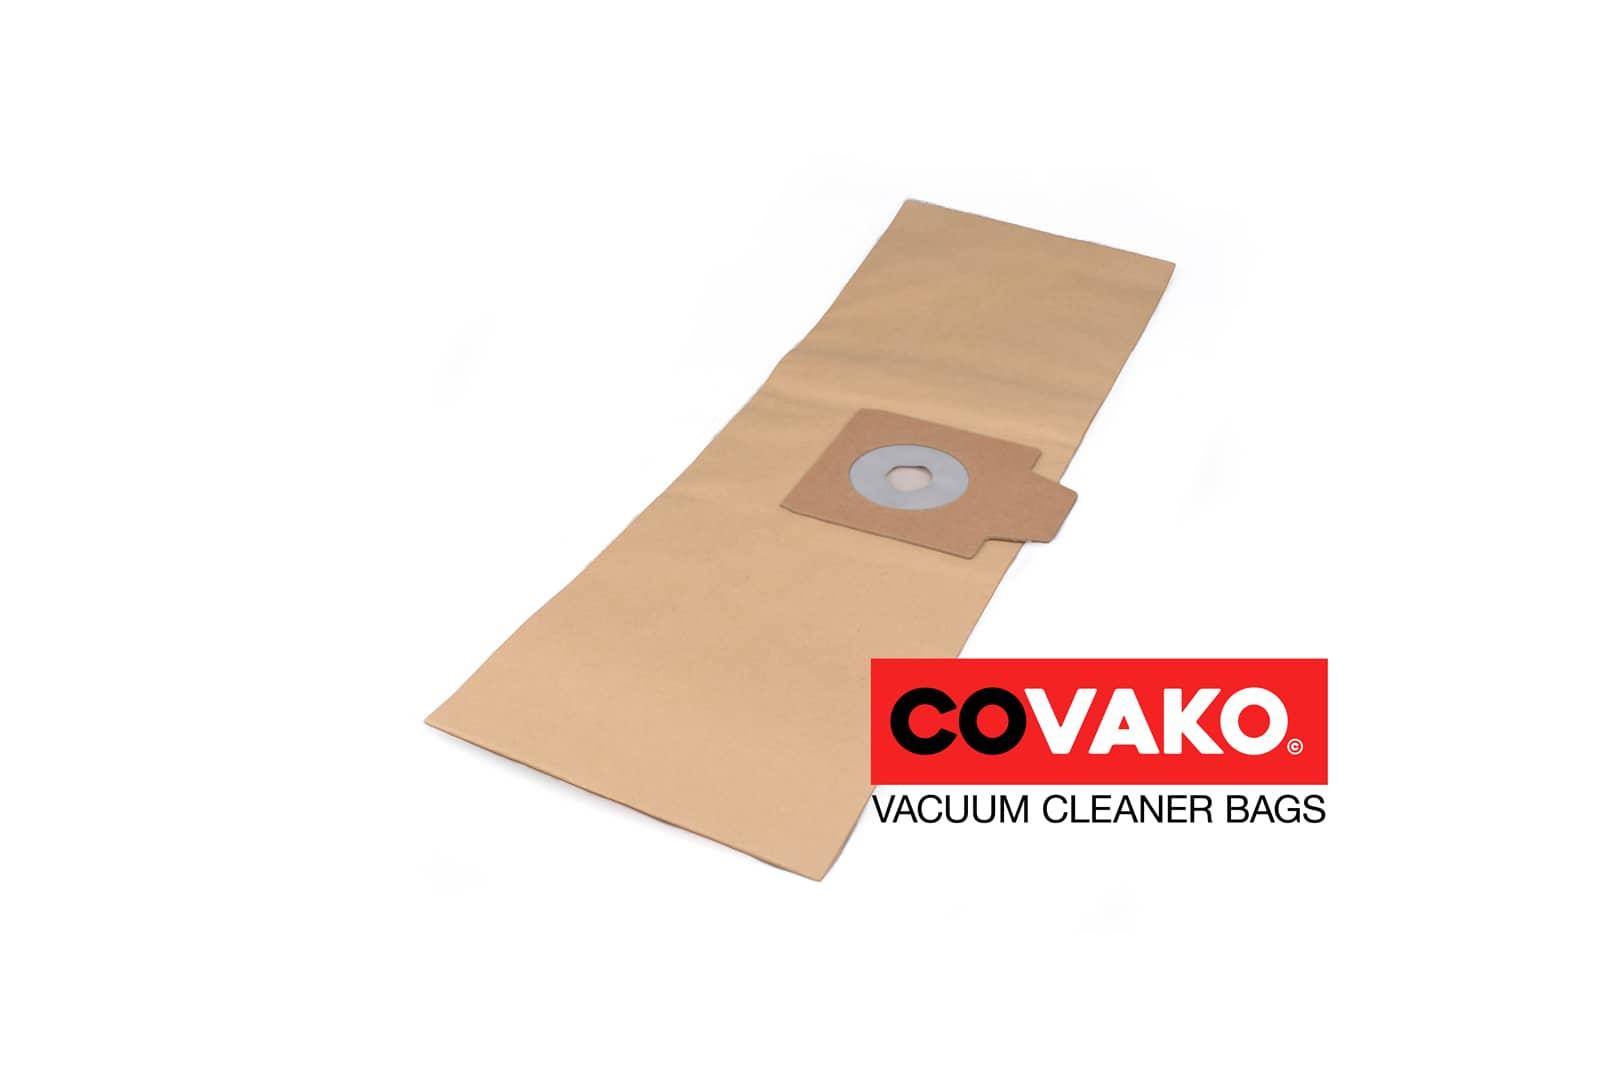 AEG AEG-Electrolux UZ872 / Paper - AEG vacuum cleaner bags